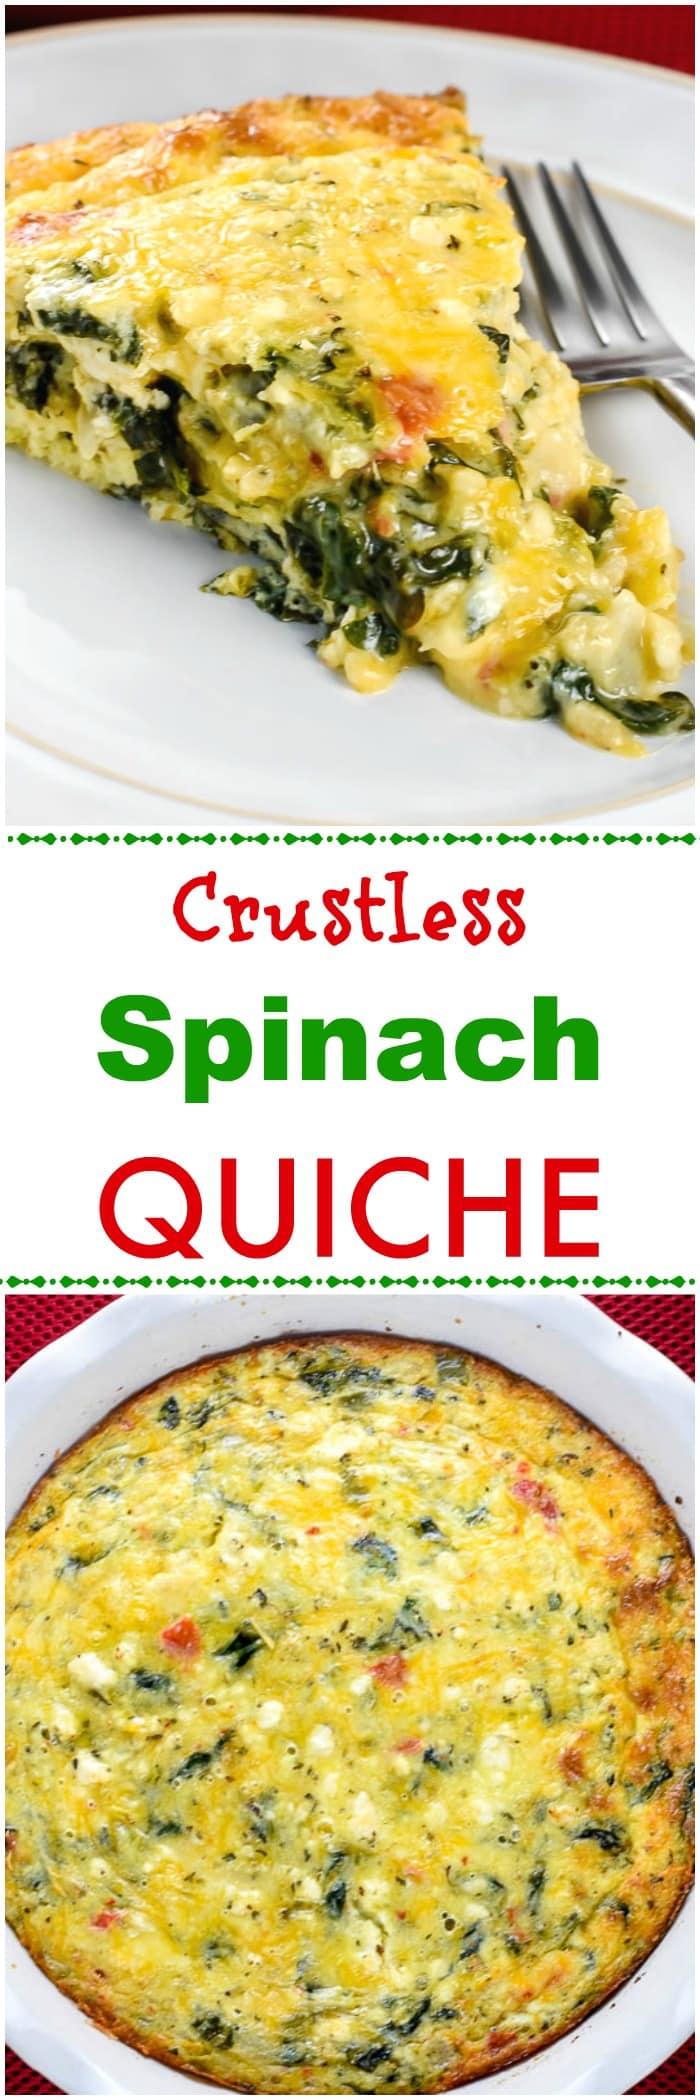 Crustless Spinach Quiche Breakfast